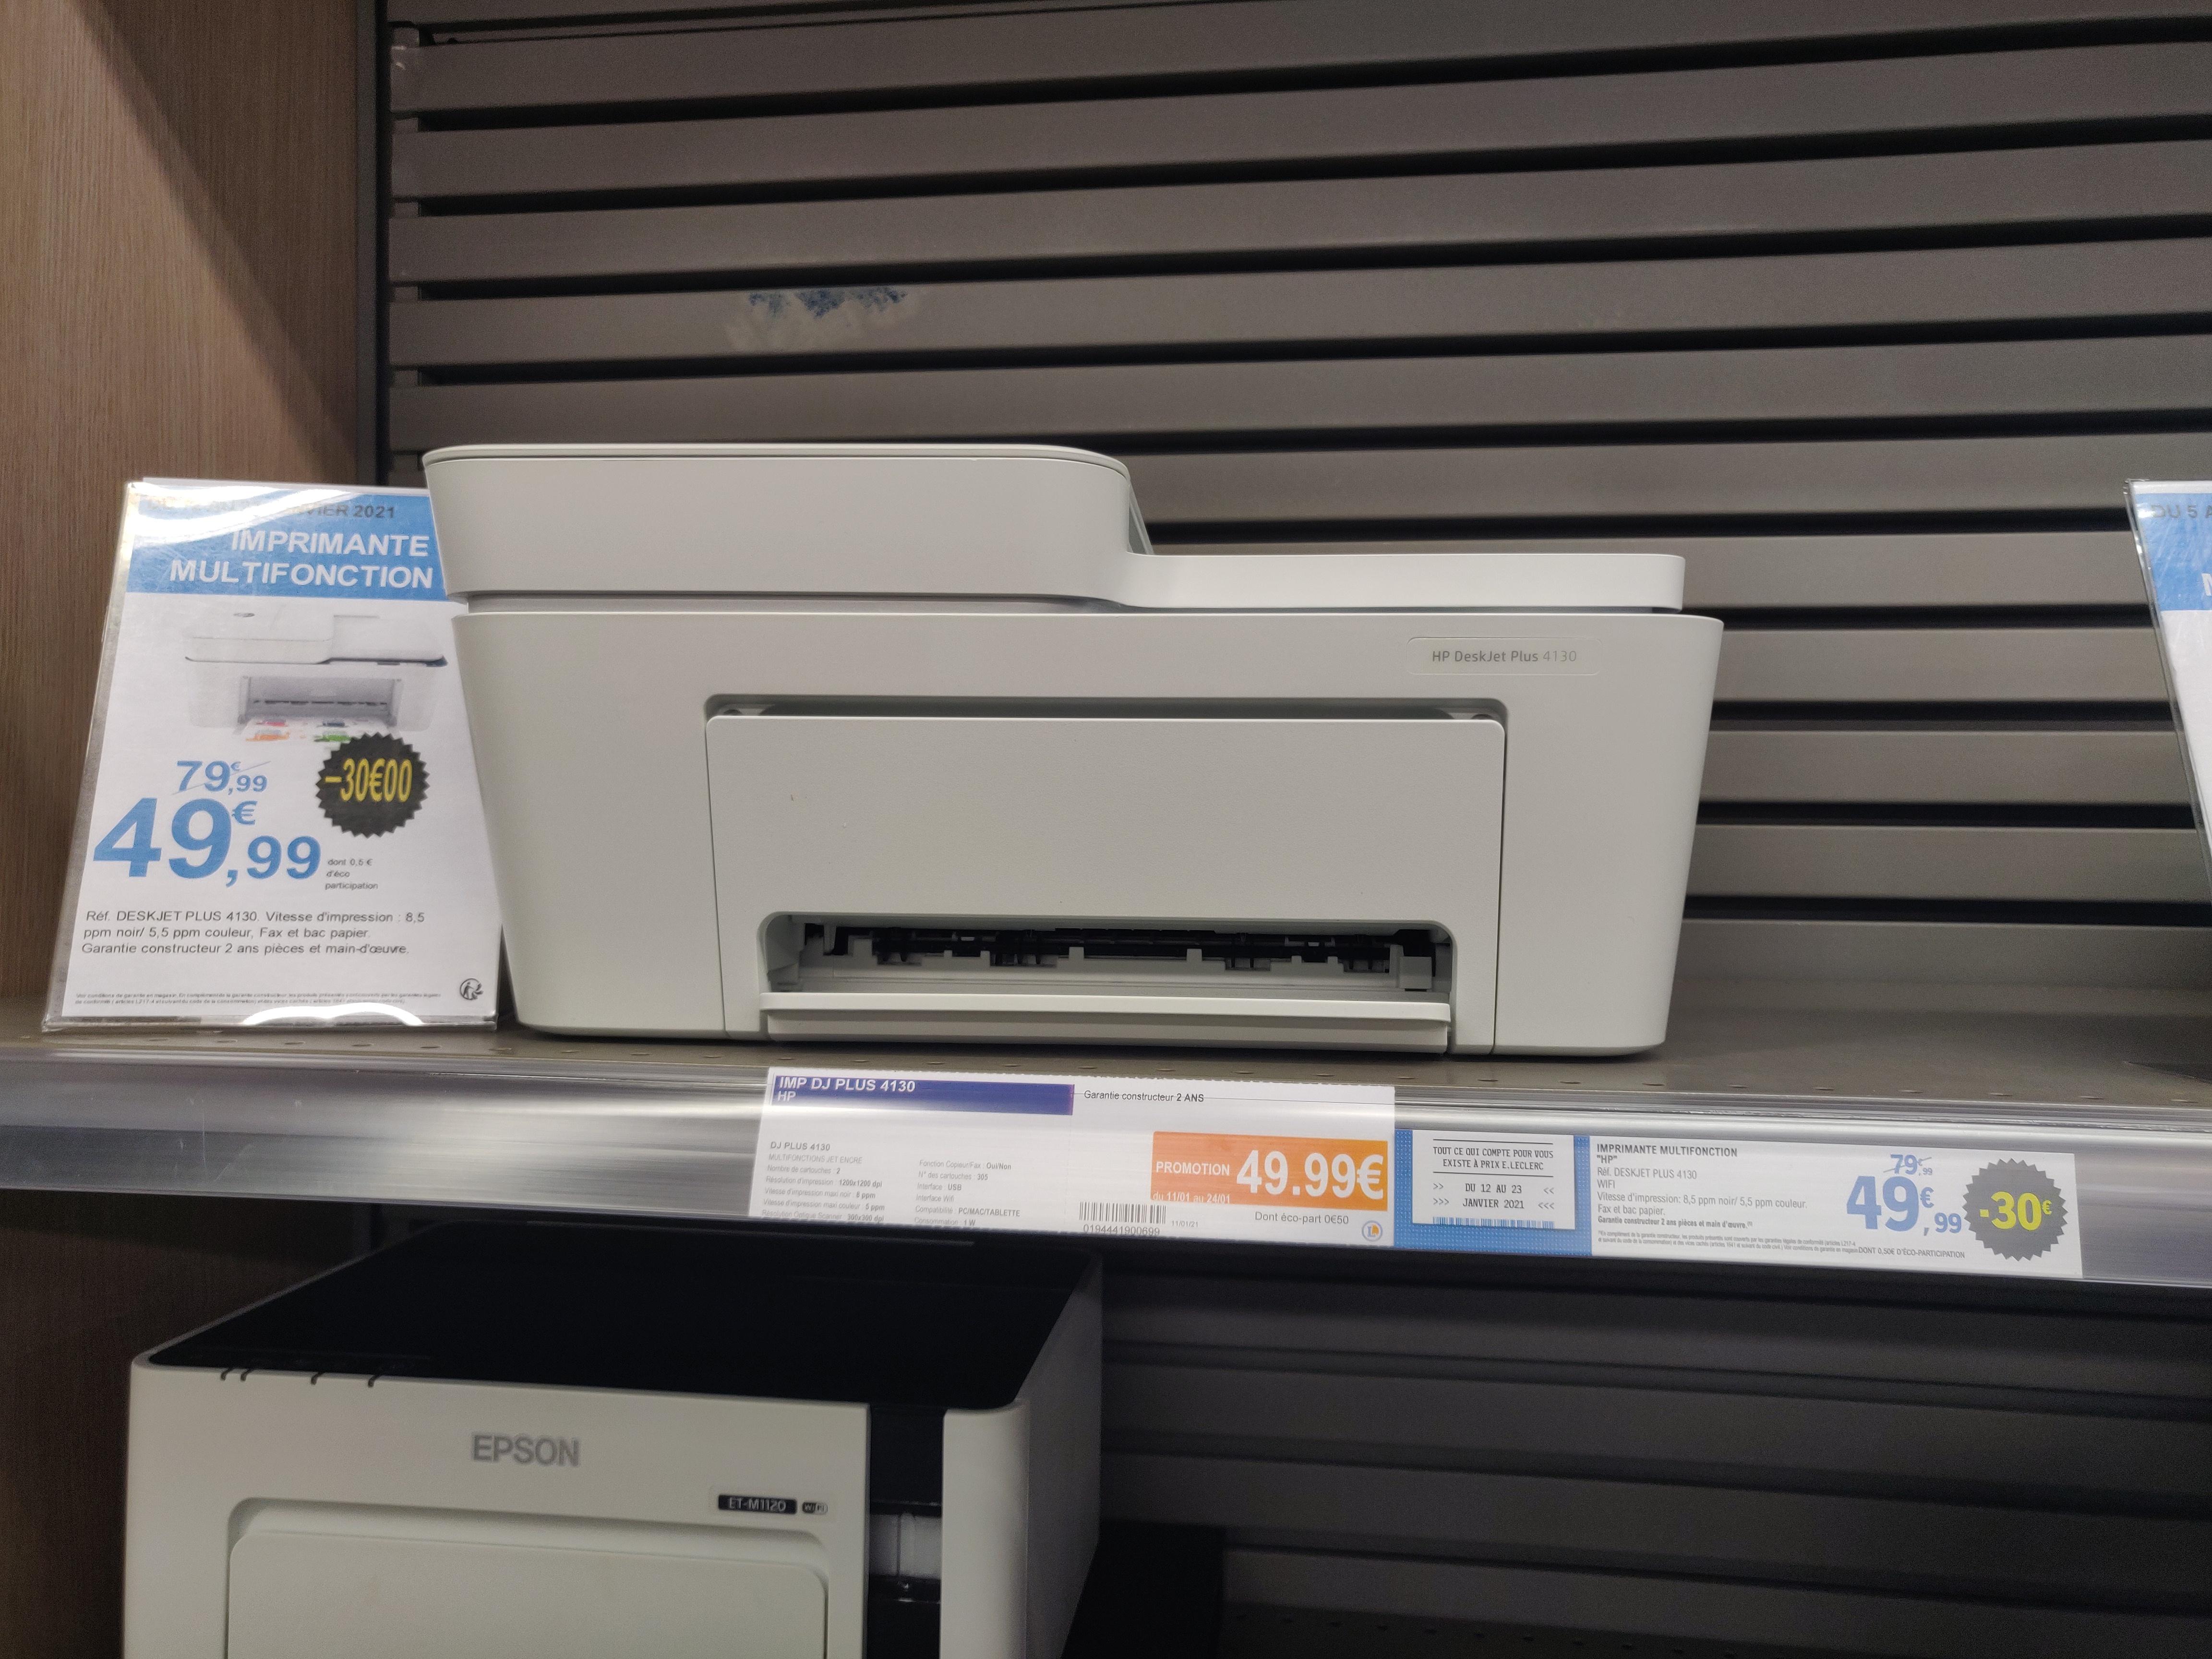 Imprimante multifonction à jet d'encre HP DeskJet Plus 4130 (avec 6 mois d'abonnement au service Instant Ink) - Rezé (44)